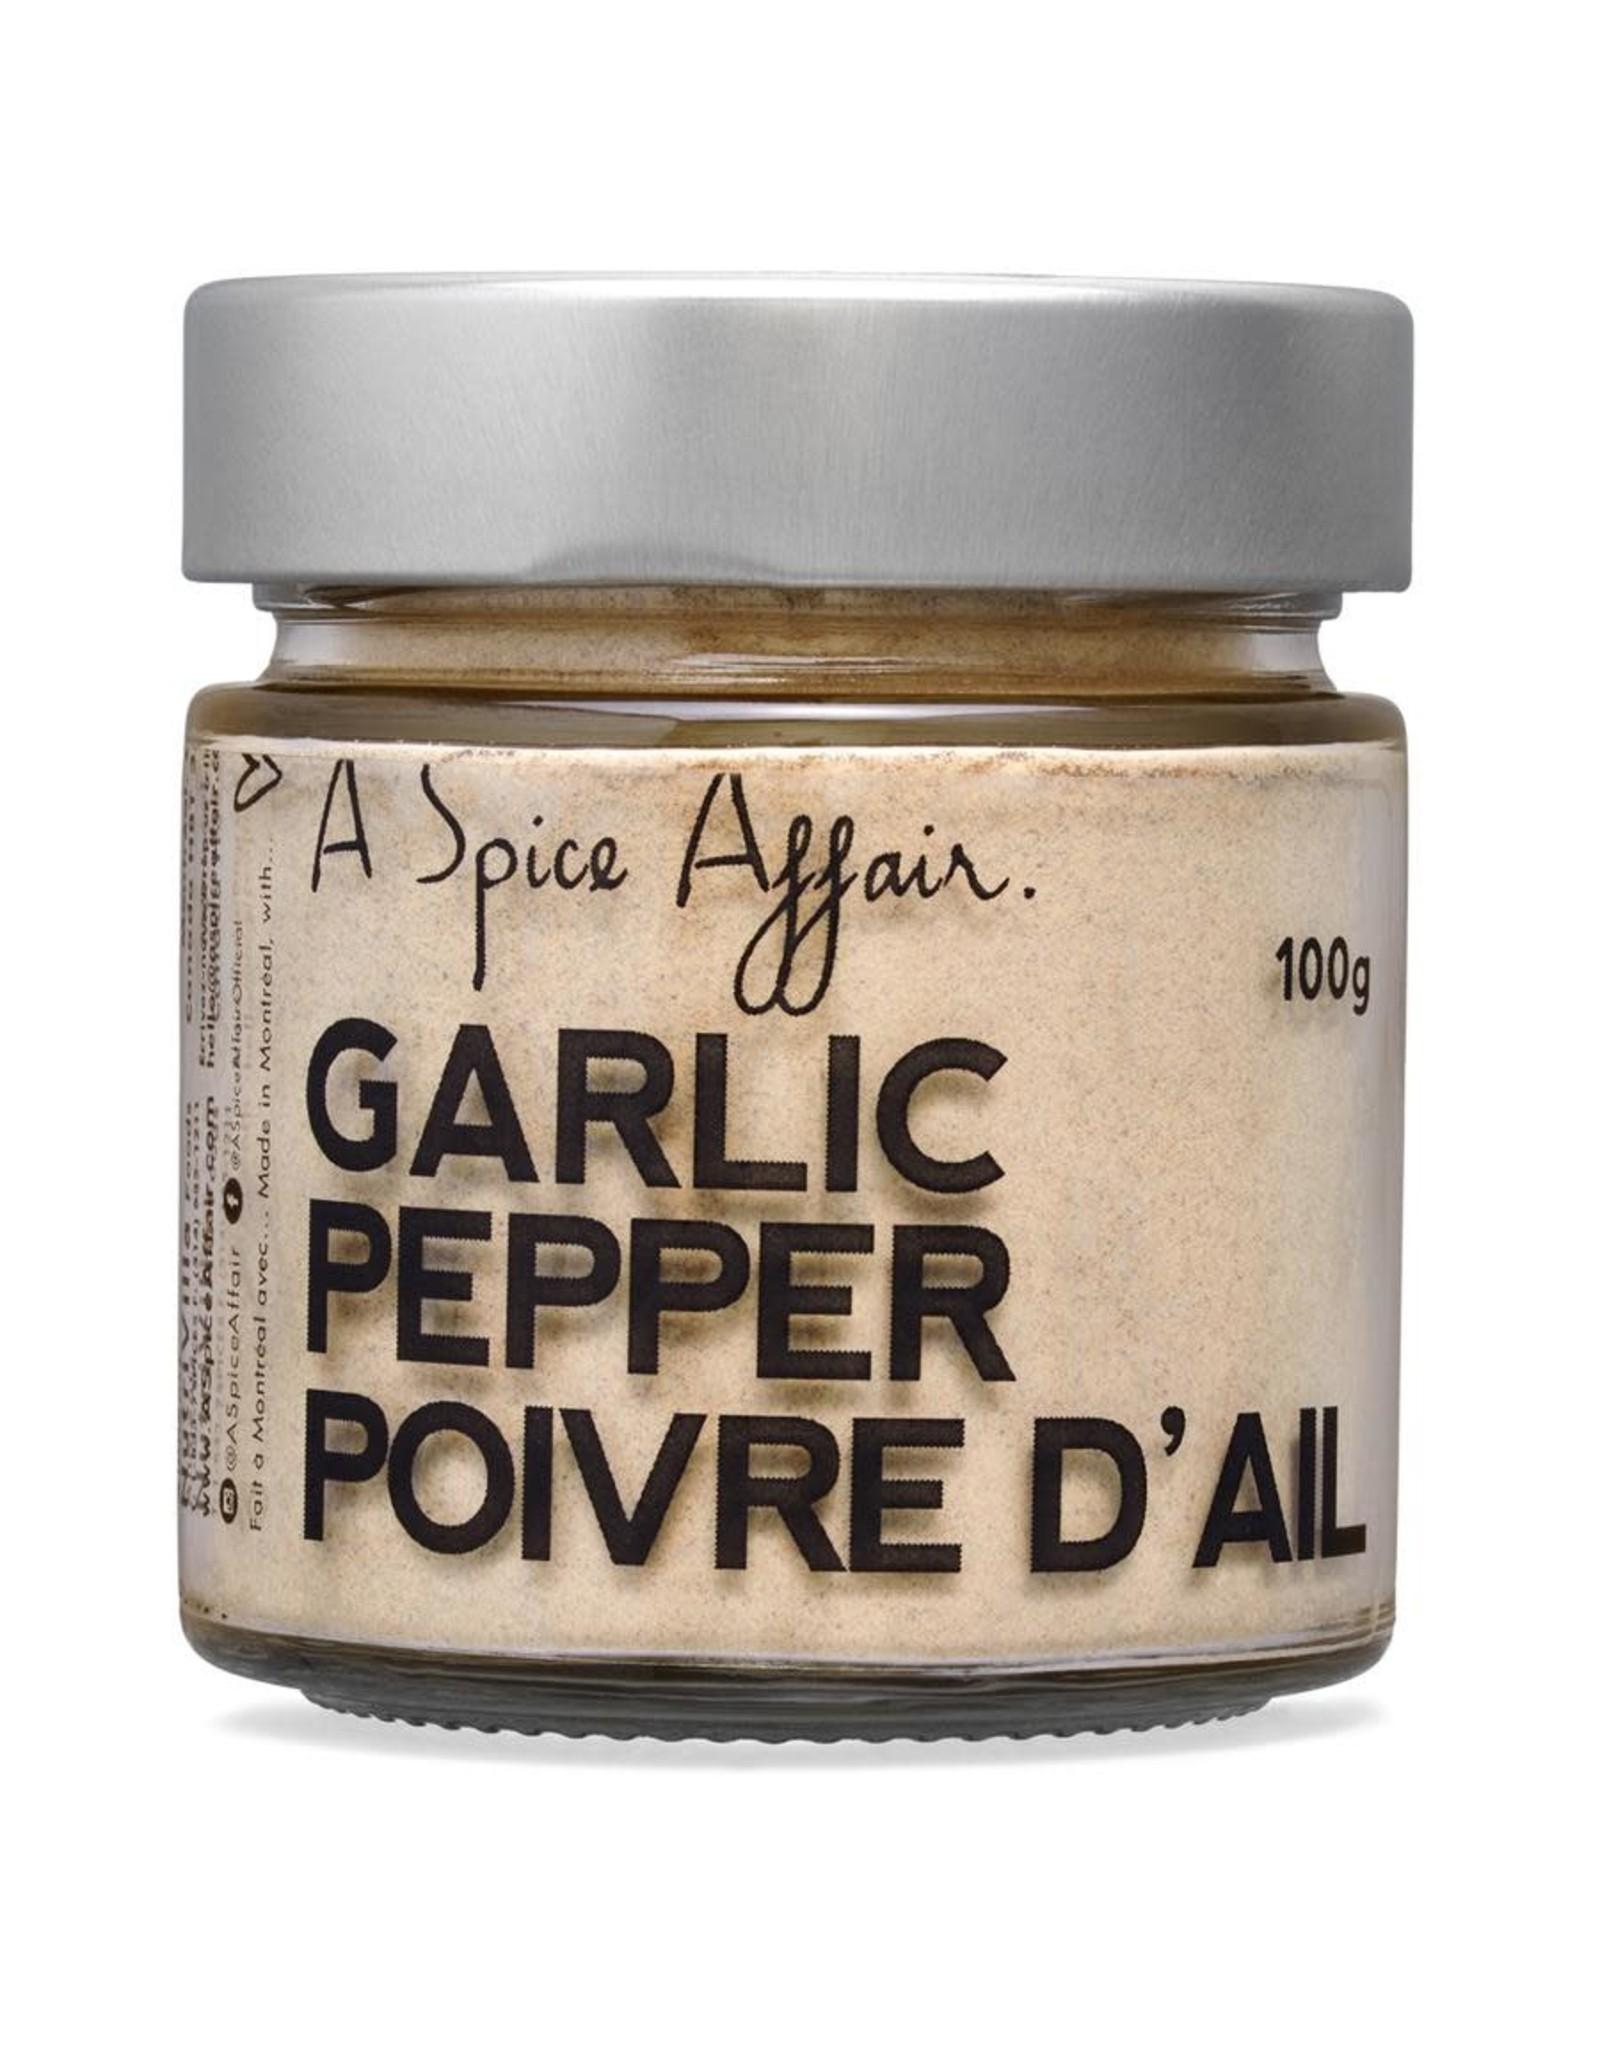 A Spice Affair Garlic Pepper